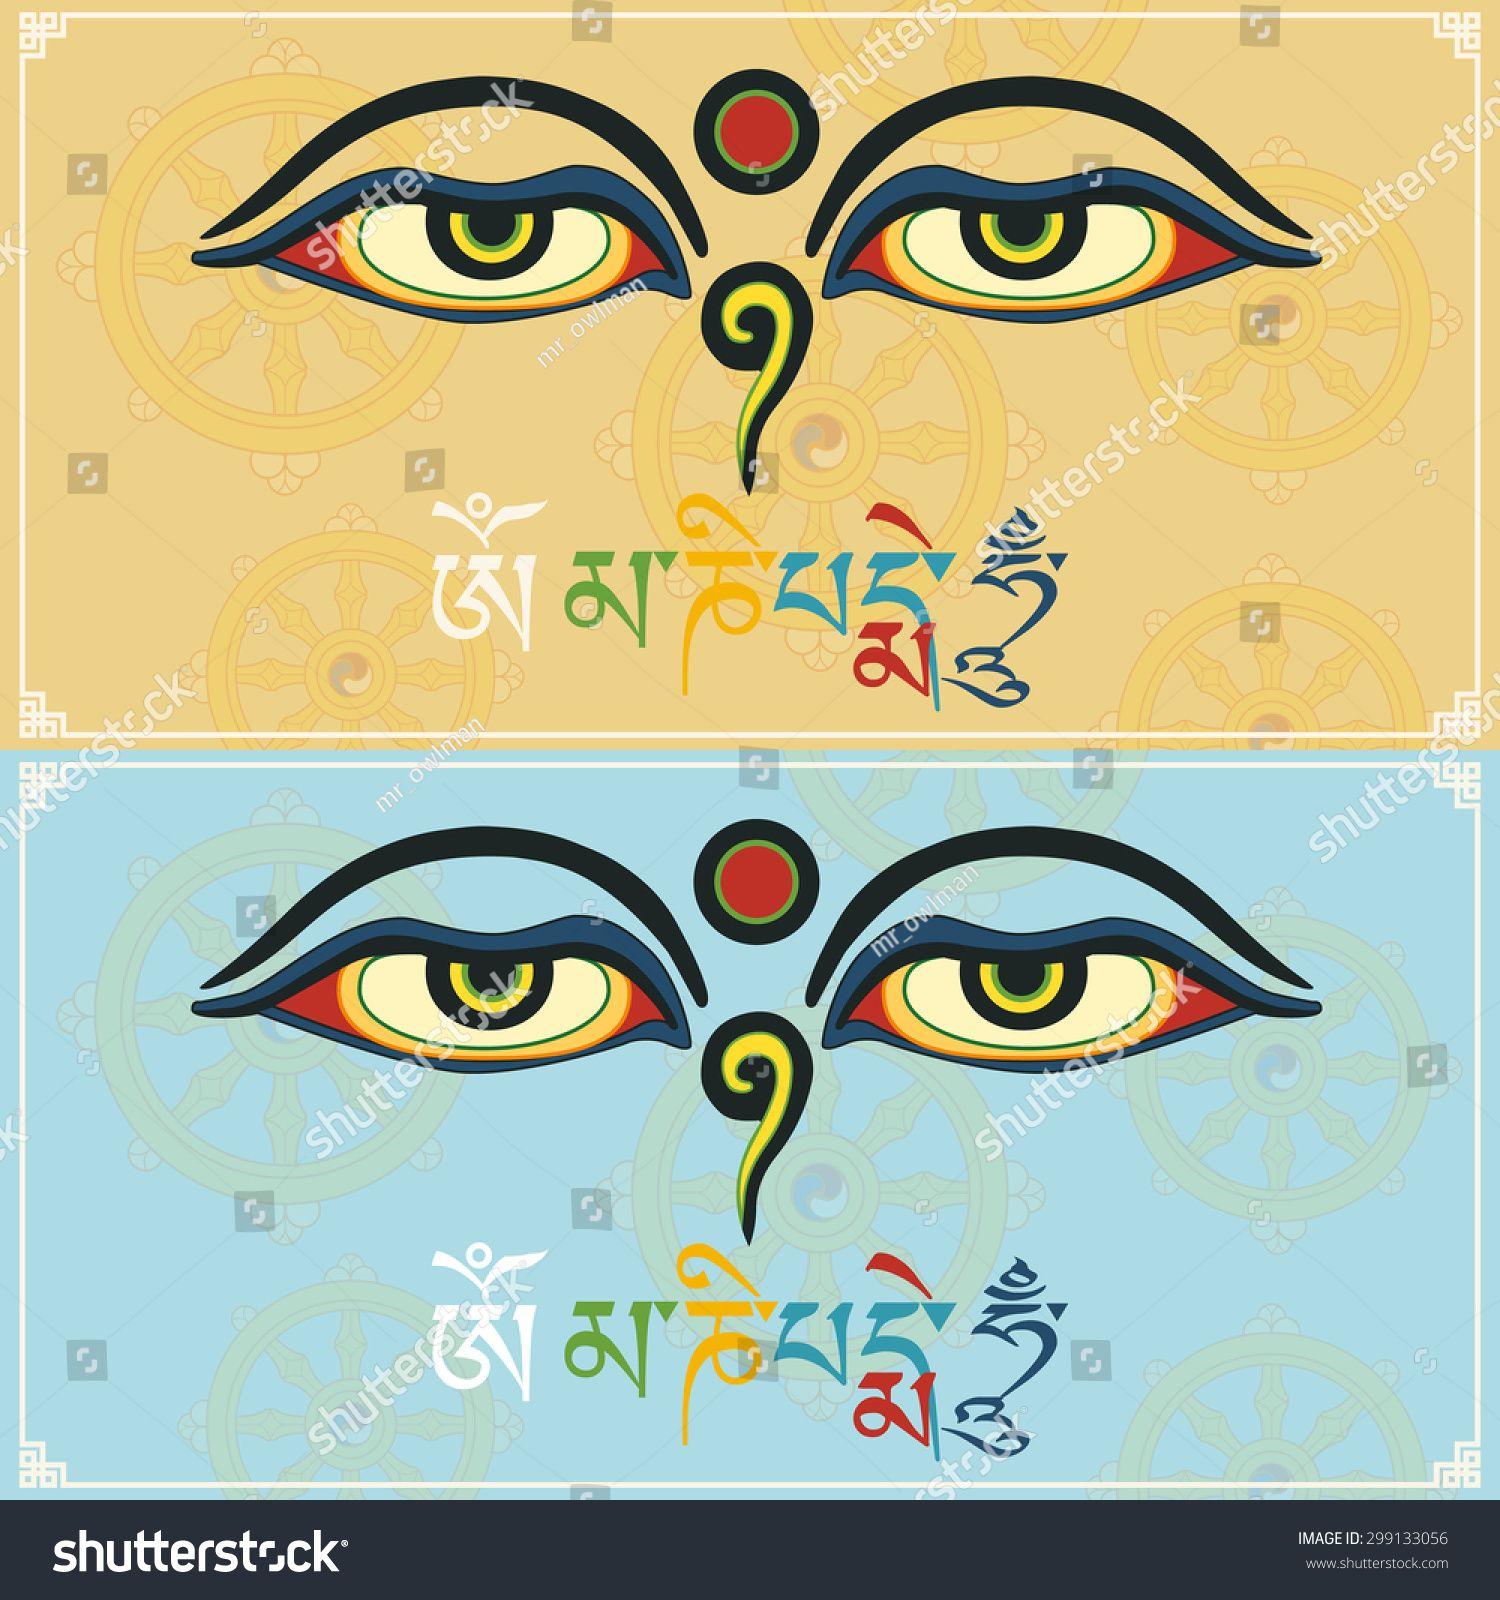 Eyes Of Buddha With Mantra Om Mani Padme Hum Buddha S Eyes